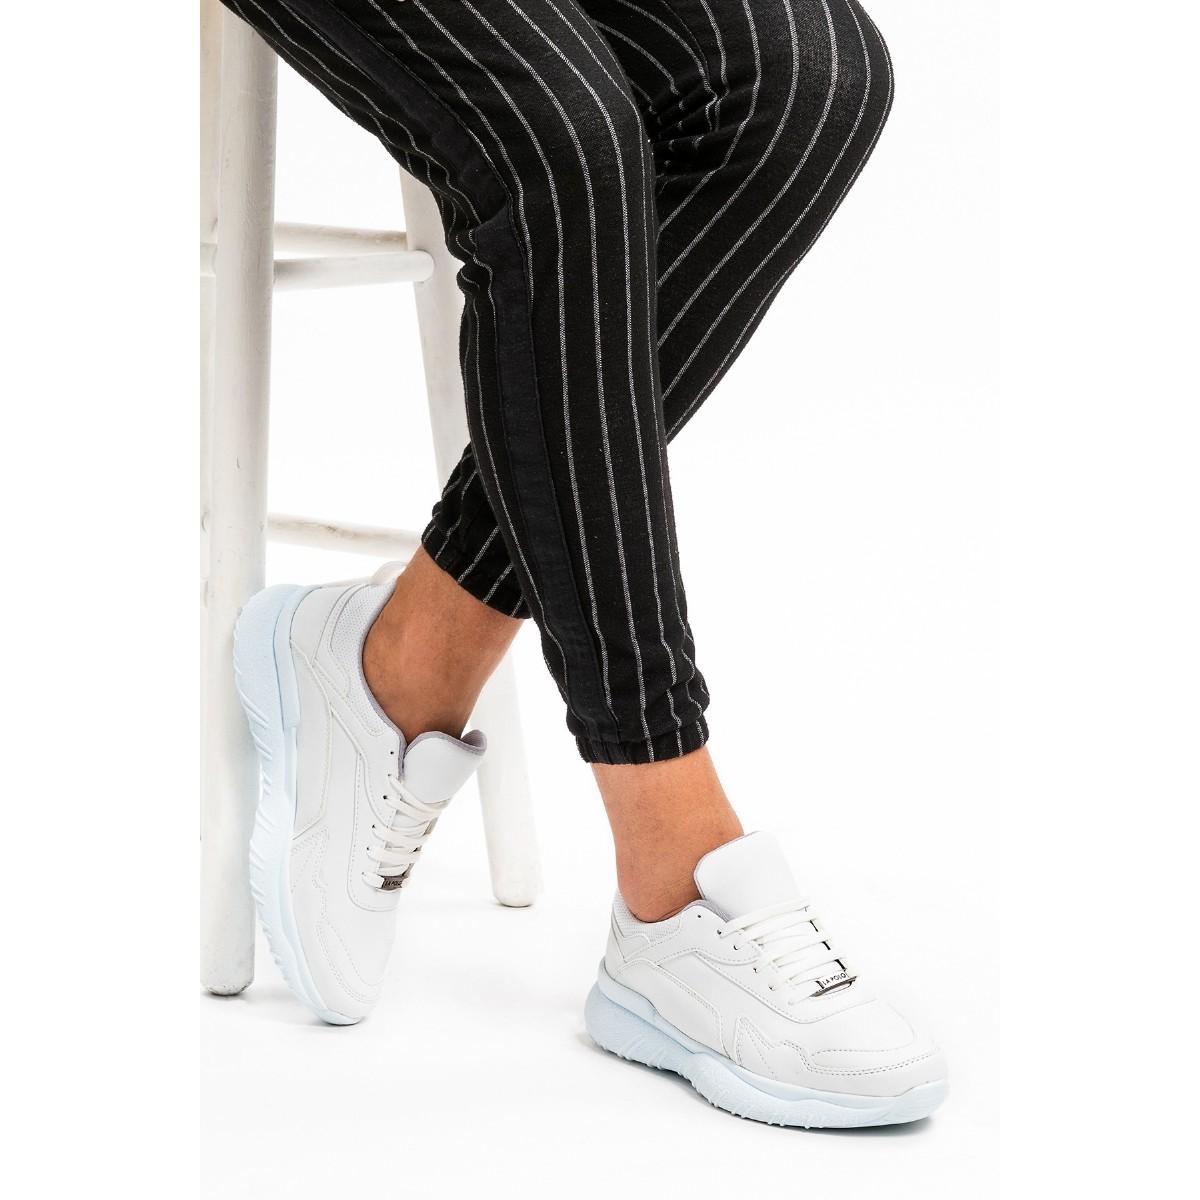 L.A. Polo 106 Beyaz Erkek Spor Ayakkabı